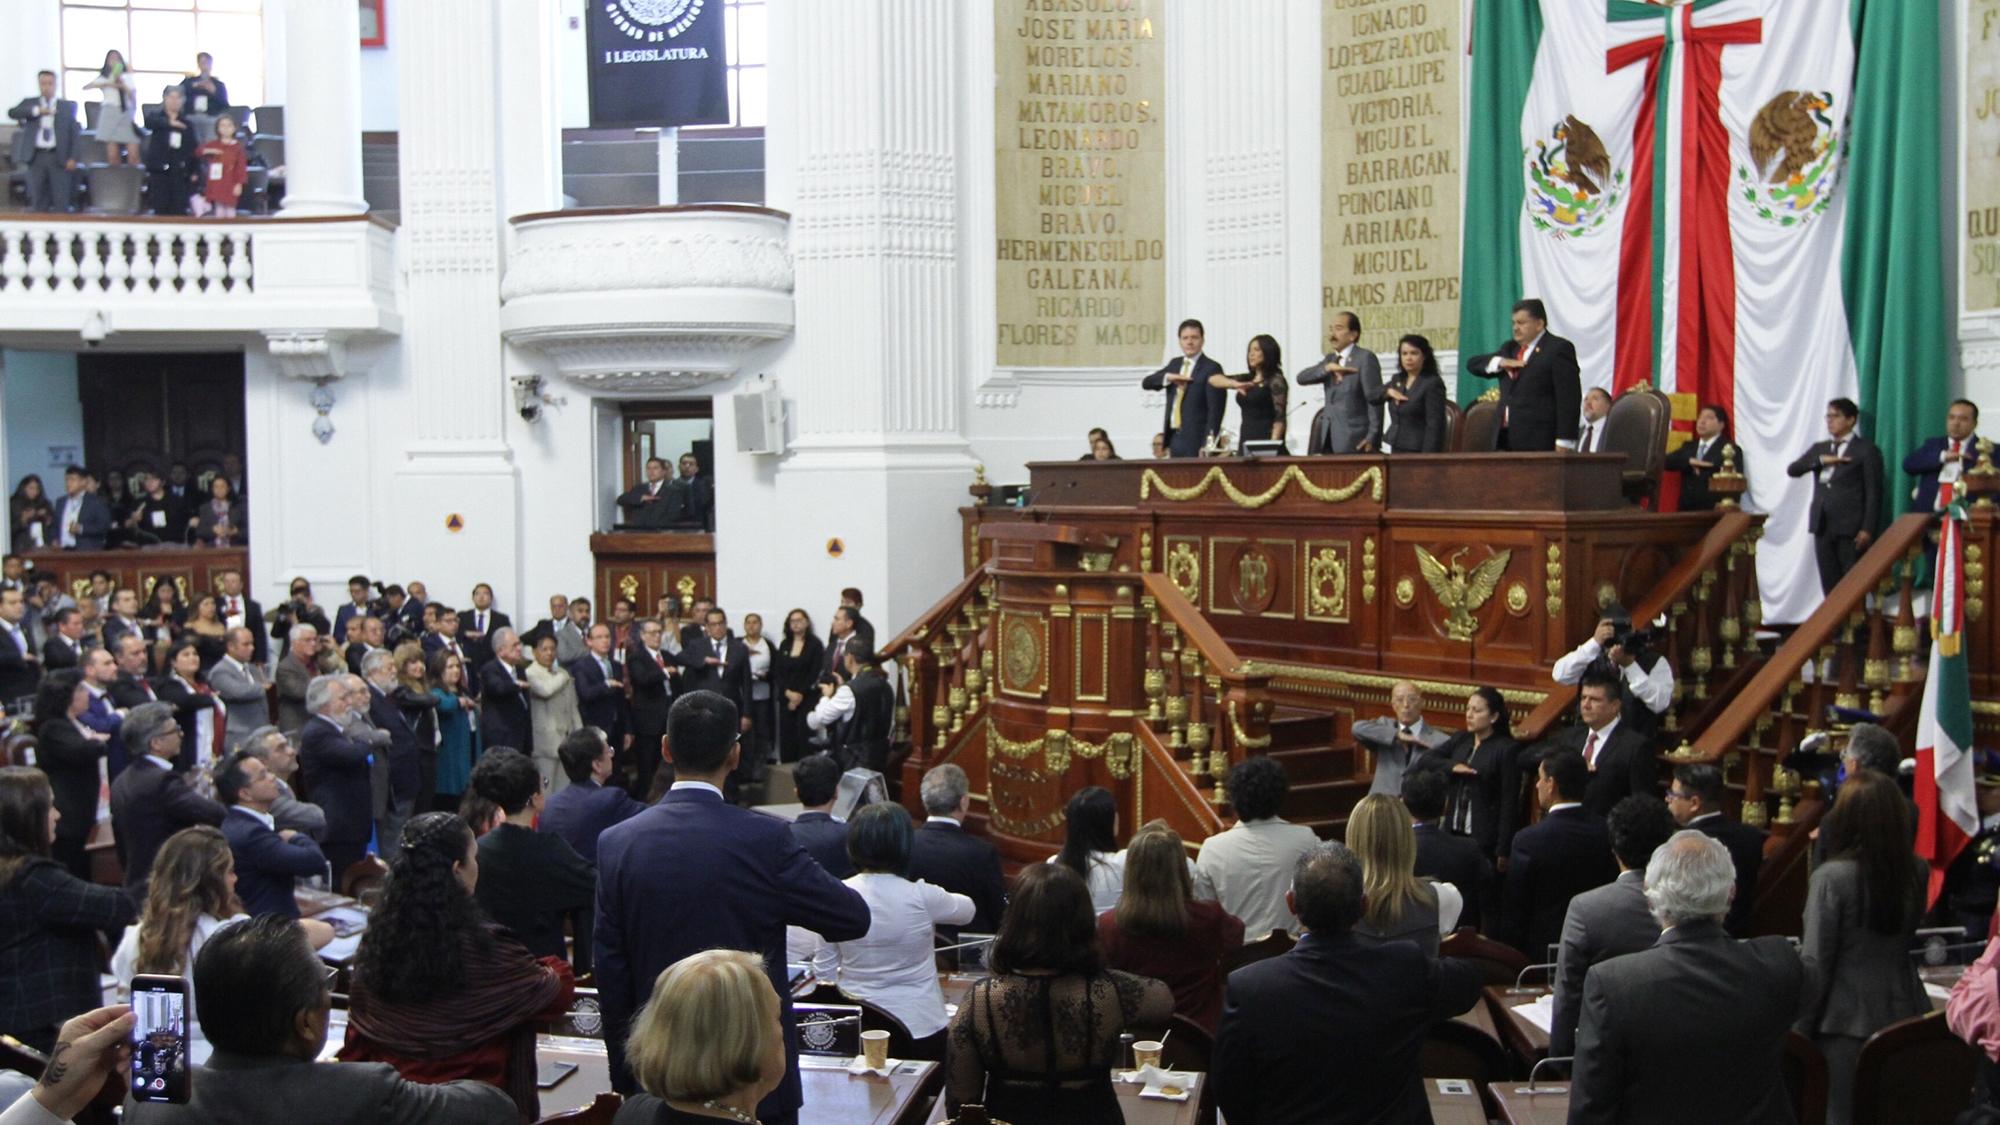 Congreso de CDMX delinea austeridad: sólo ISSSTE para diputados